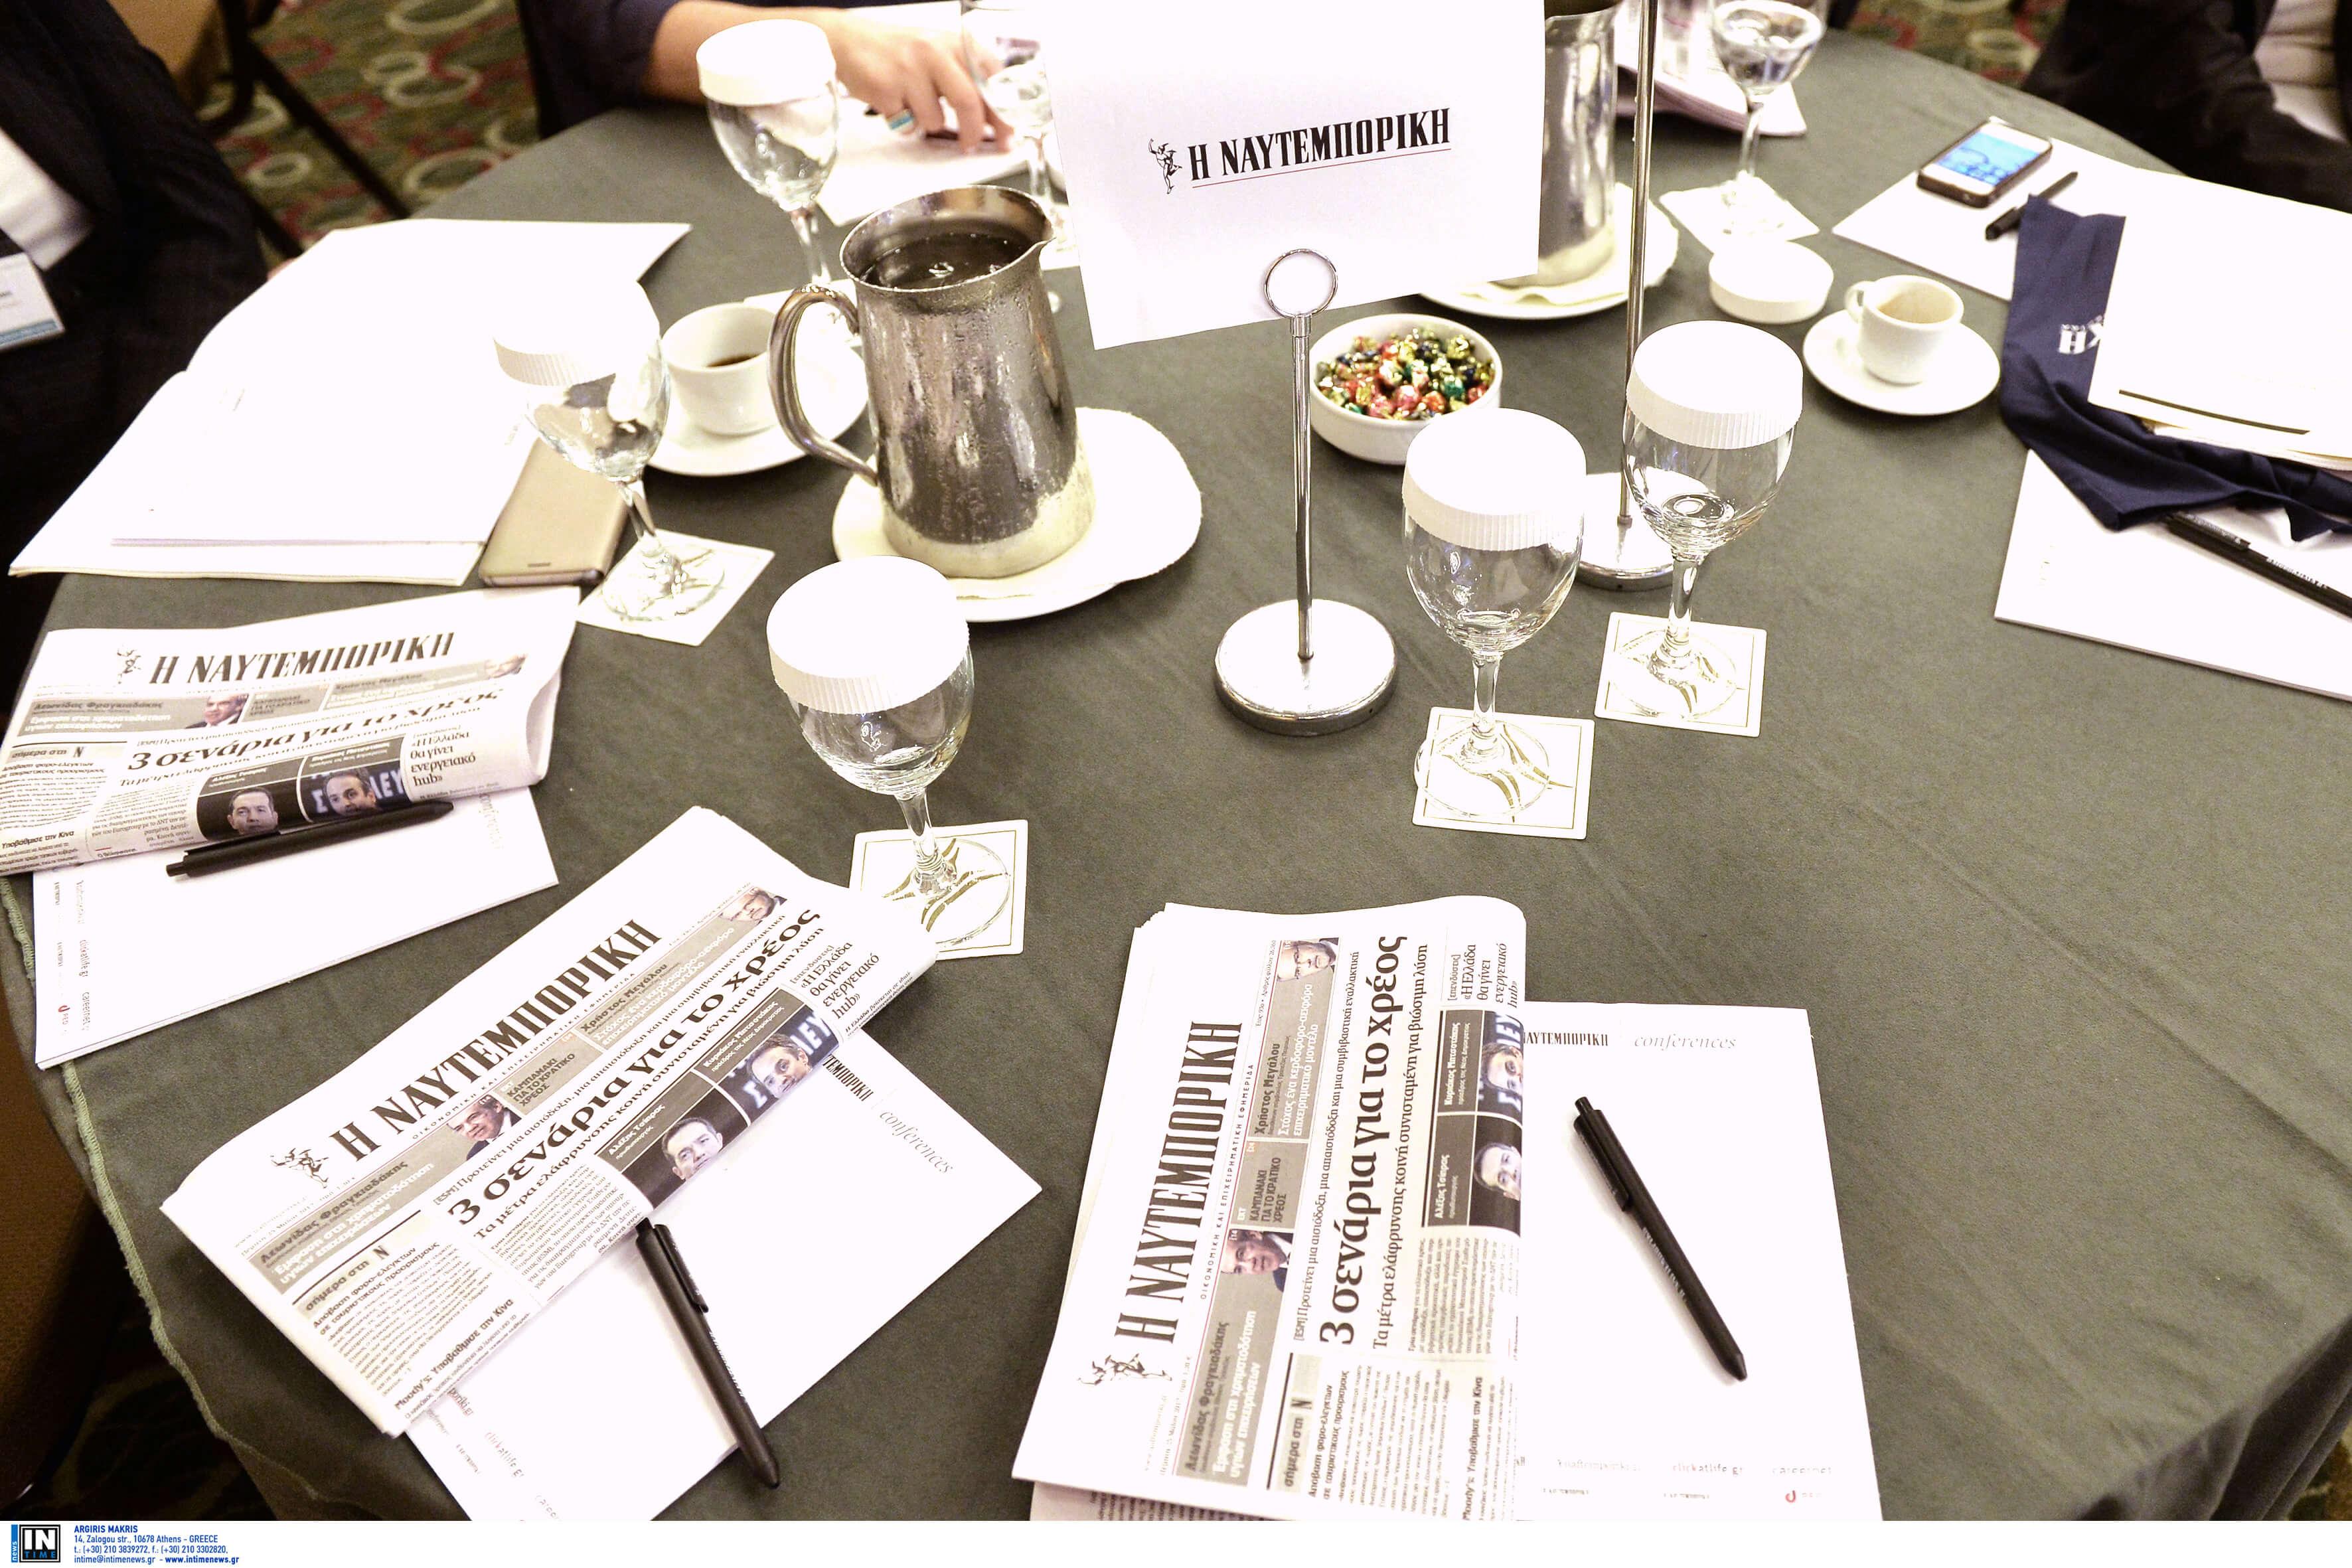 Ναυτεμπορική: Στις 7 Απριλίου ο διαγωνισμός για τα ακίνητα που βγαινουν στο «σφυρί»